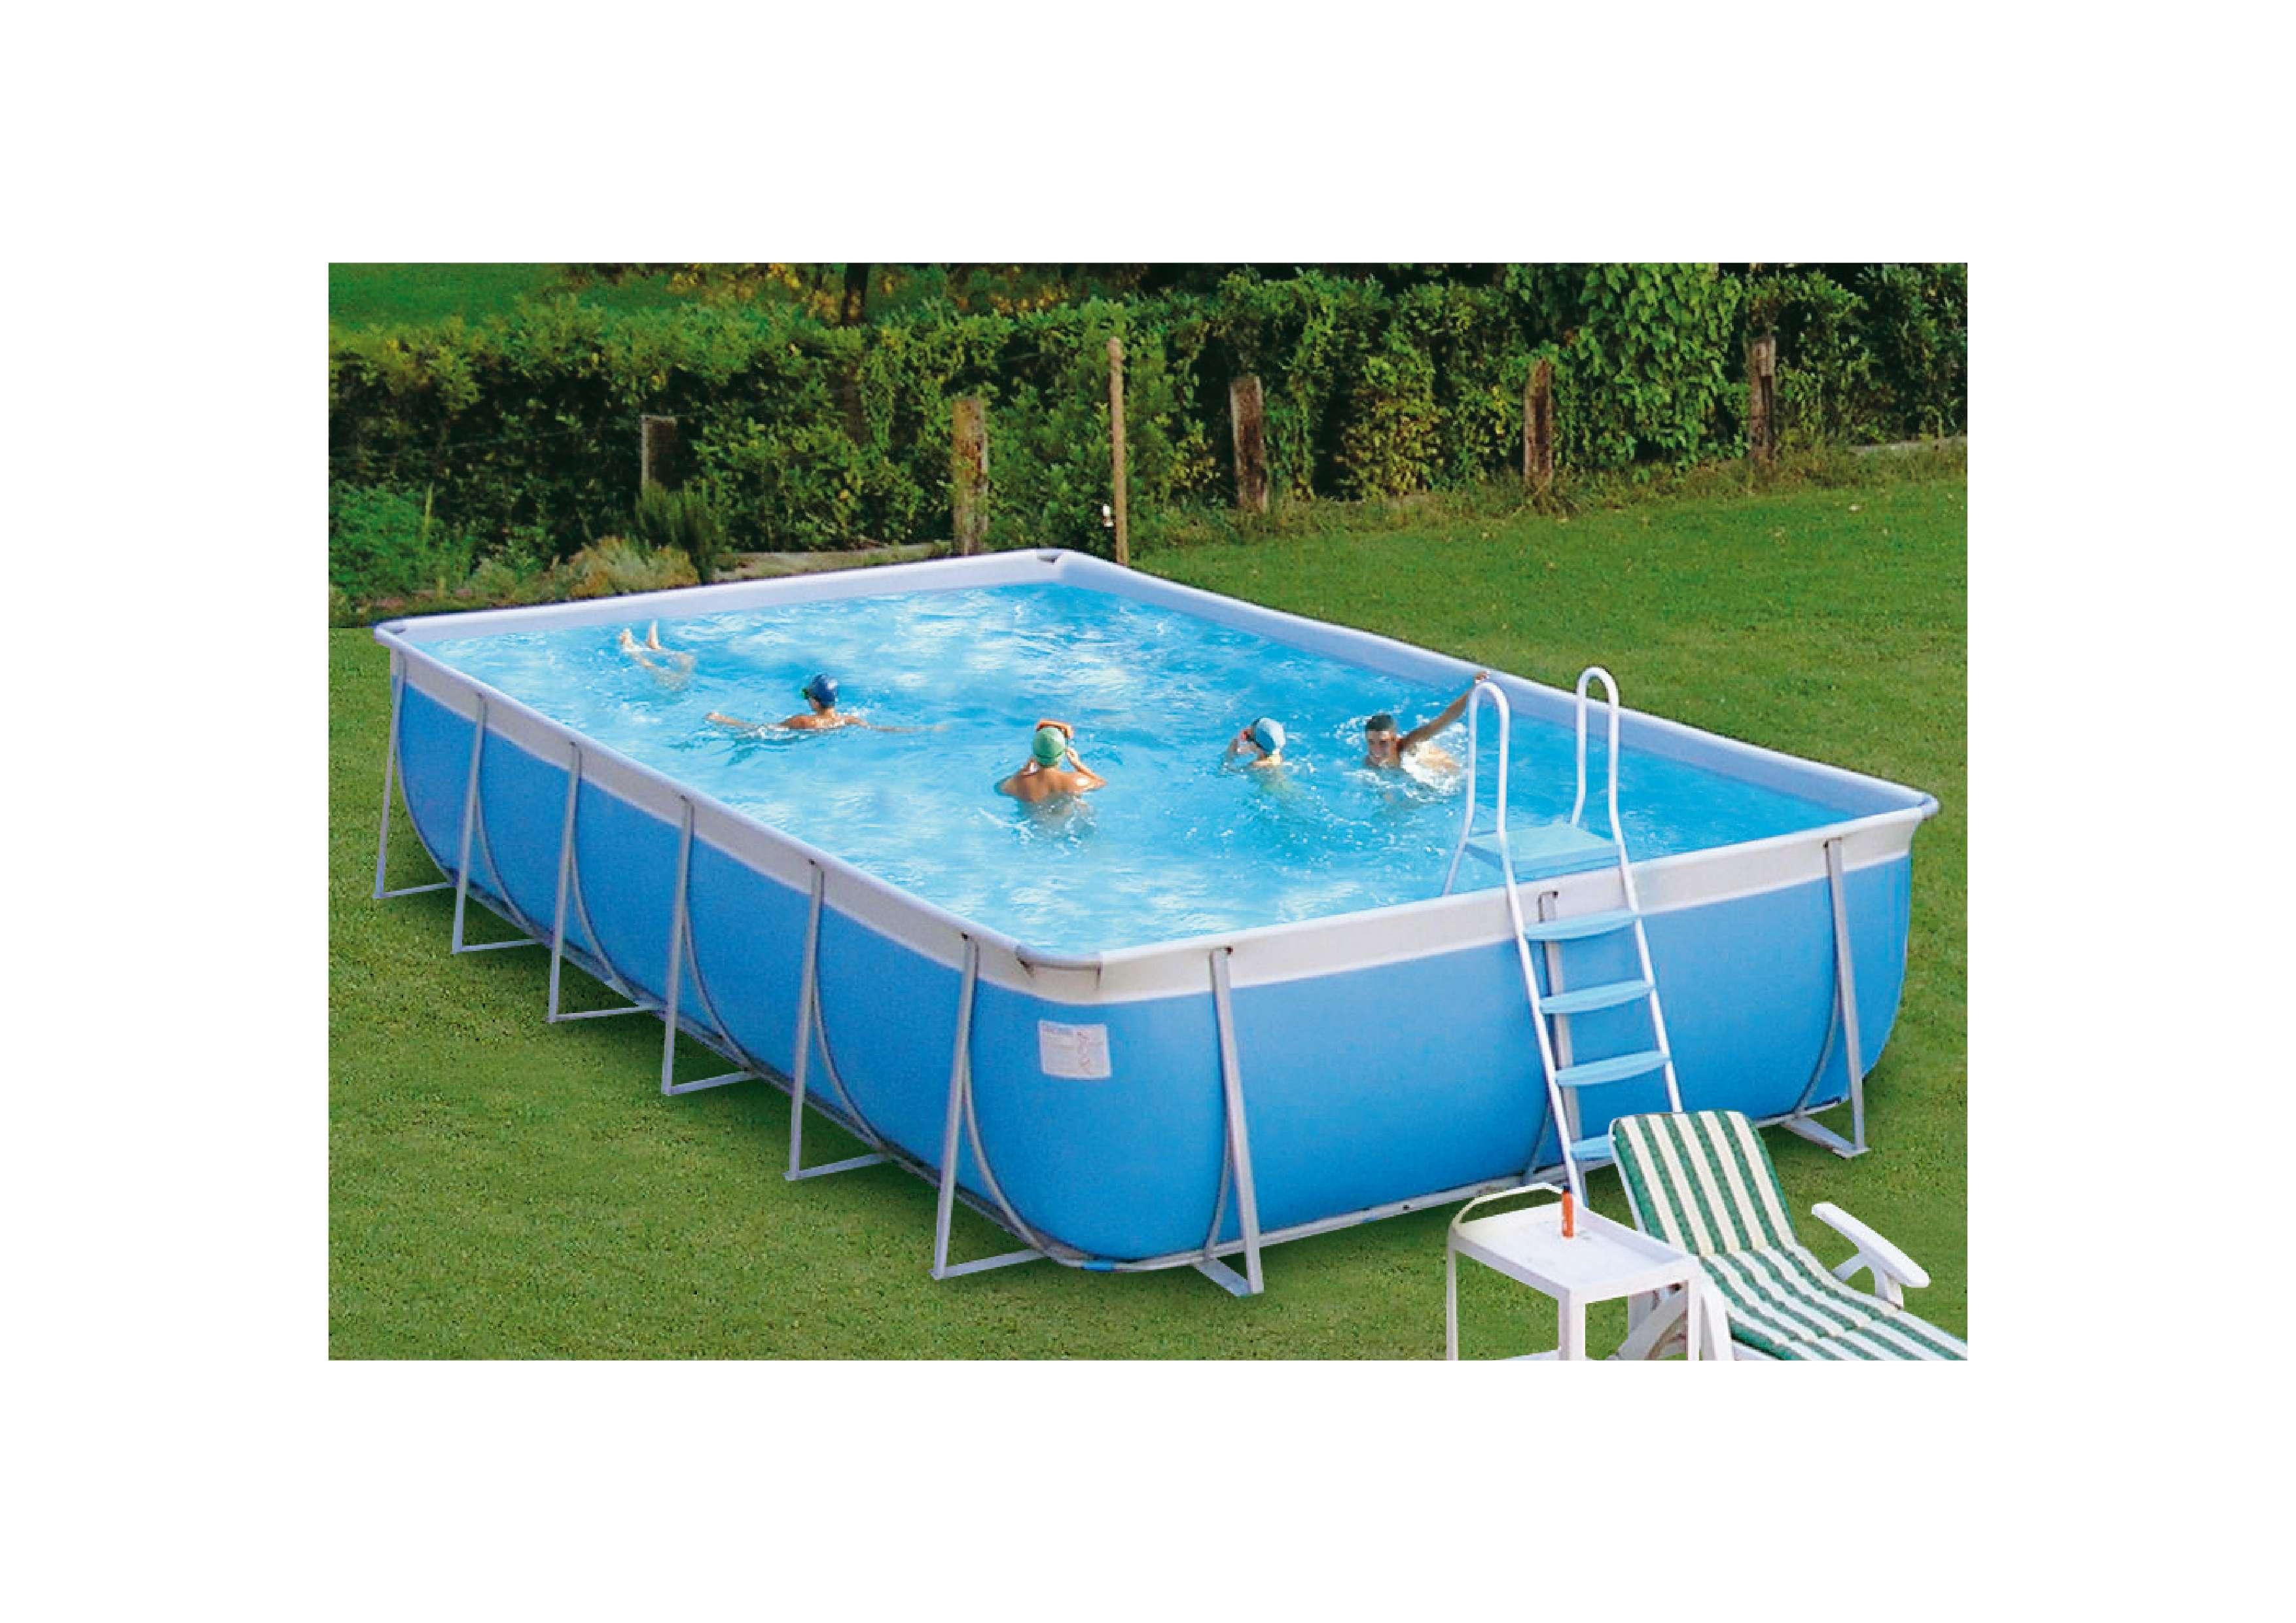 California piscine fuori terra autoportanti - Piscina fuori terra ...